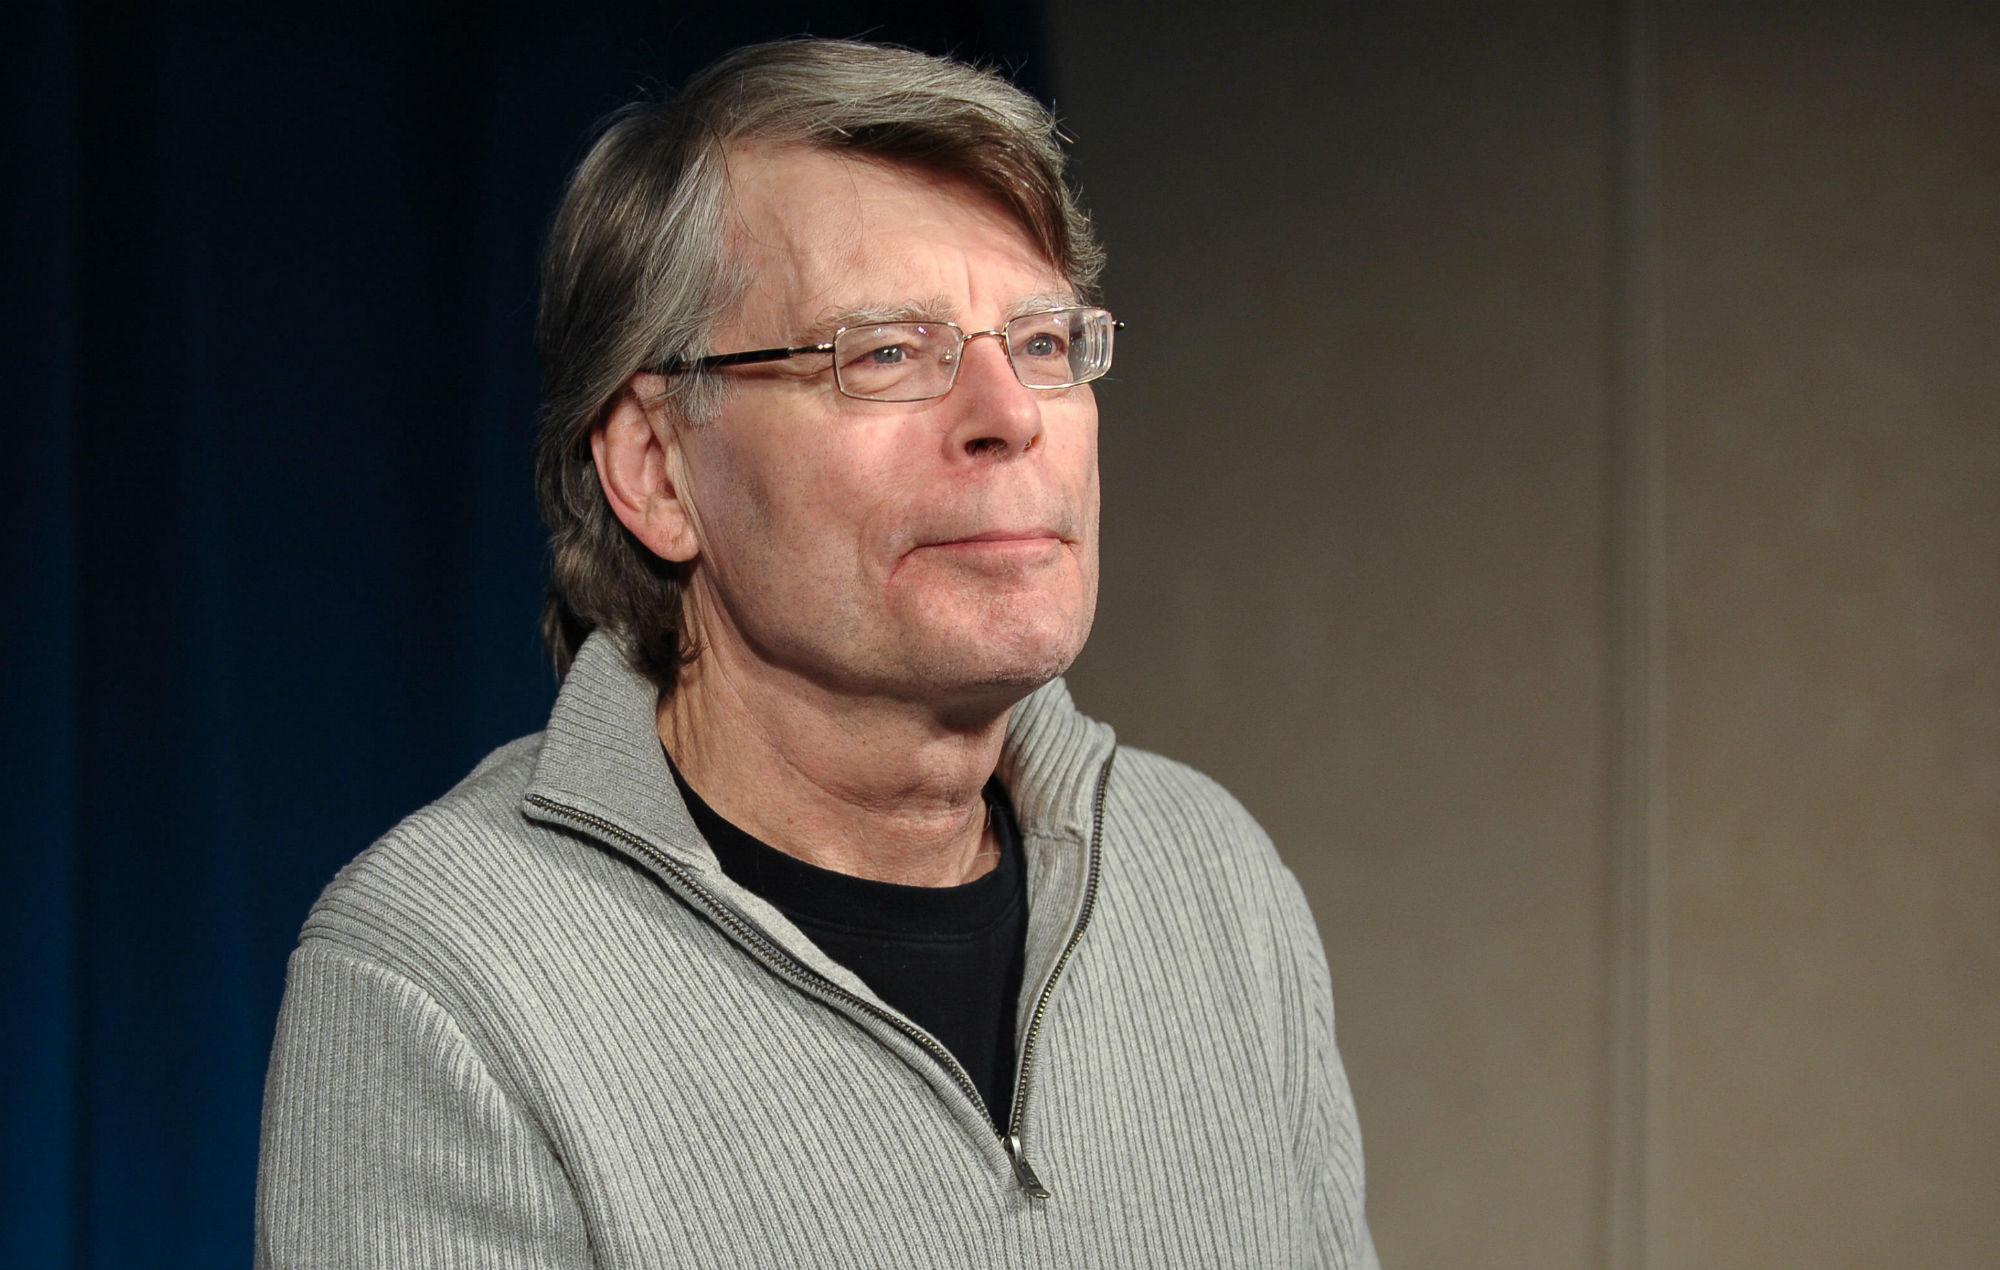 Foto do autor Stephen King. Stephen é um homem branco de 73 anos, com os cabelos levemente grisalhos. Ele usa um moletom cinza com uma camiseta preta por baixo. Possui óculos retangulares.